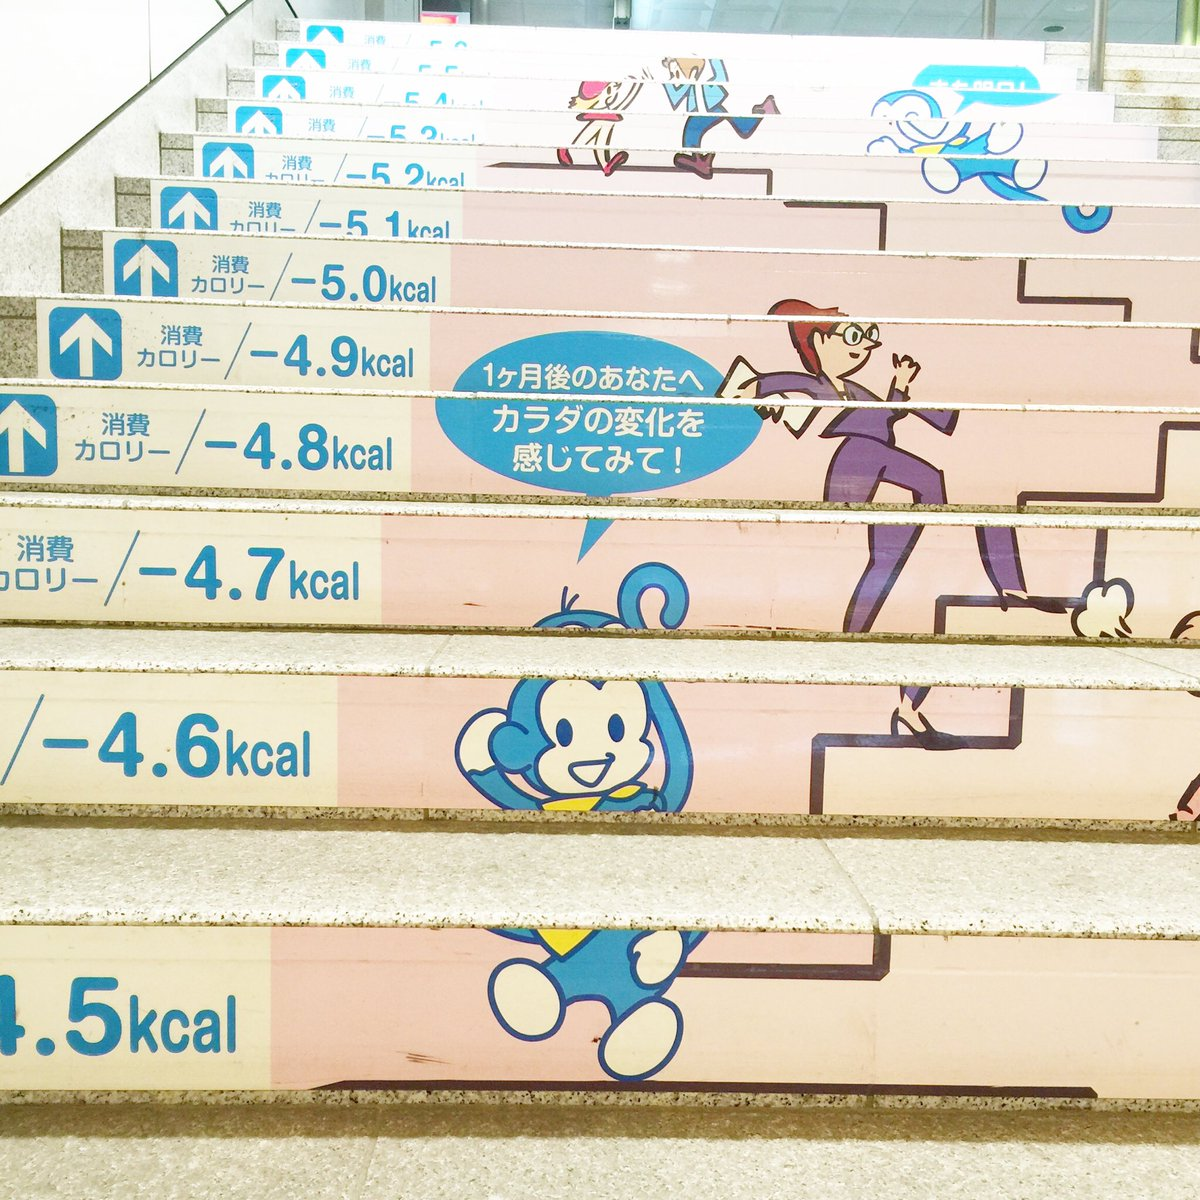 カロリー 階段 消費 階段ダイエットの消費カロリー!効果を高めるコツ!おすすめの理由!